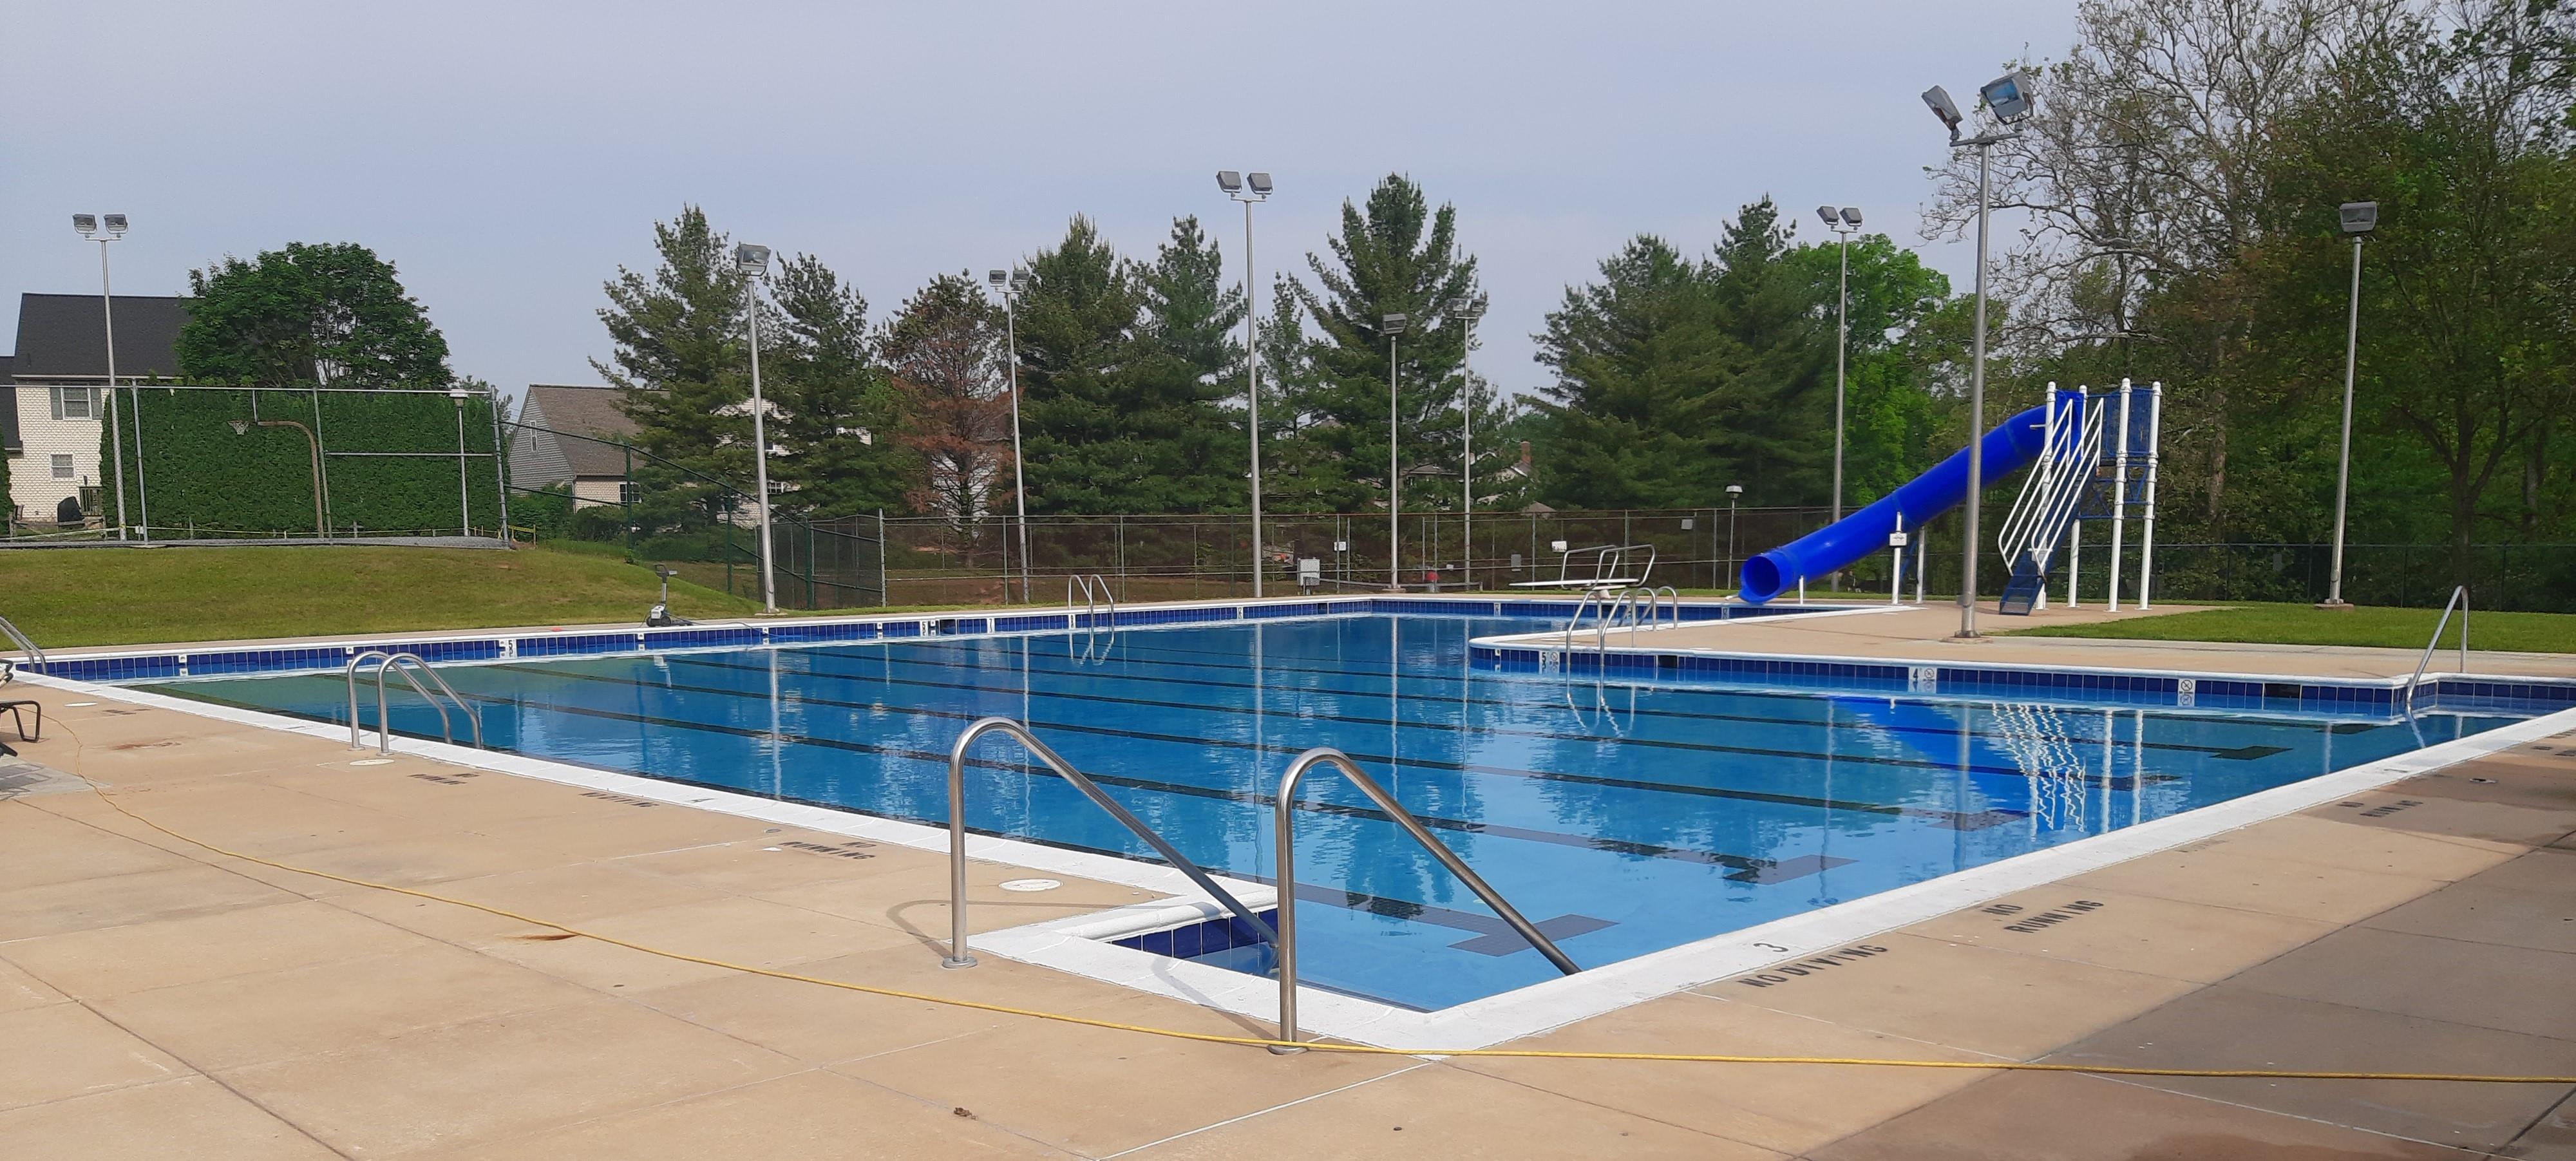 Reamstown Pool Pic